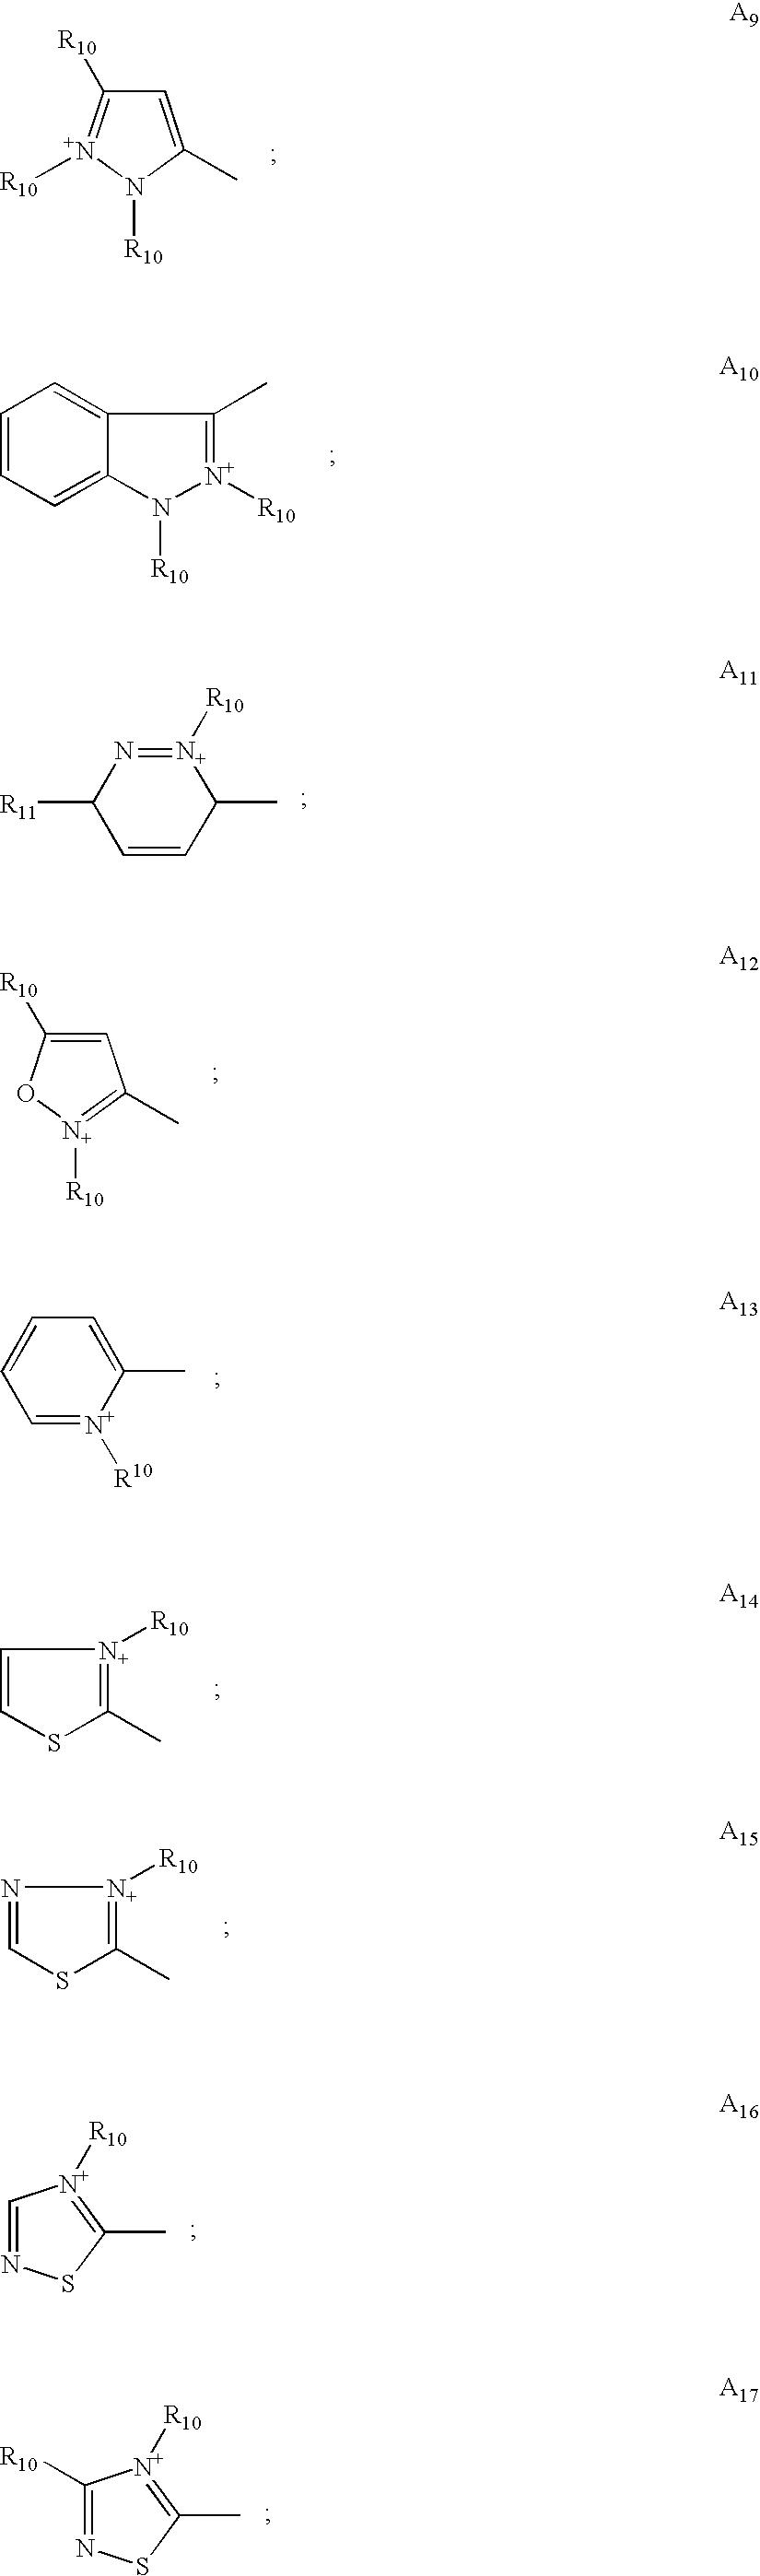 Figure US20040181883A1-20040923-C00011